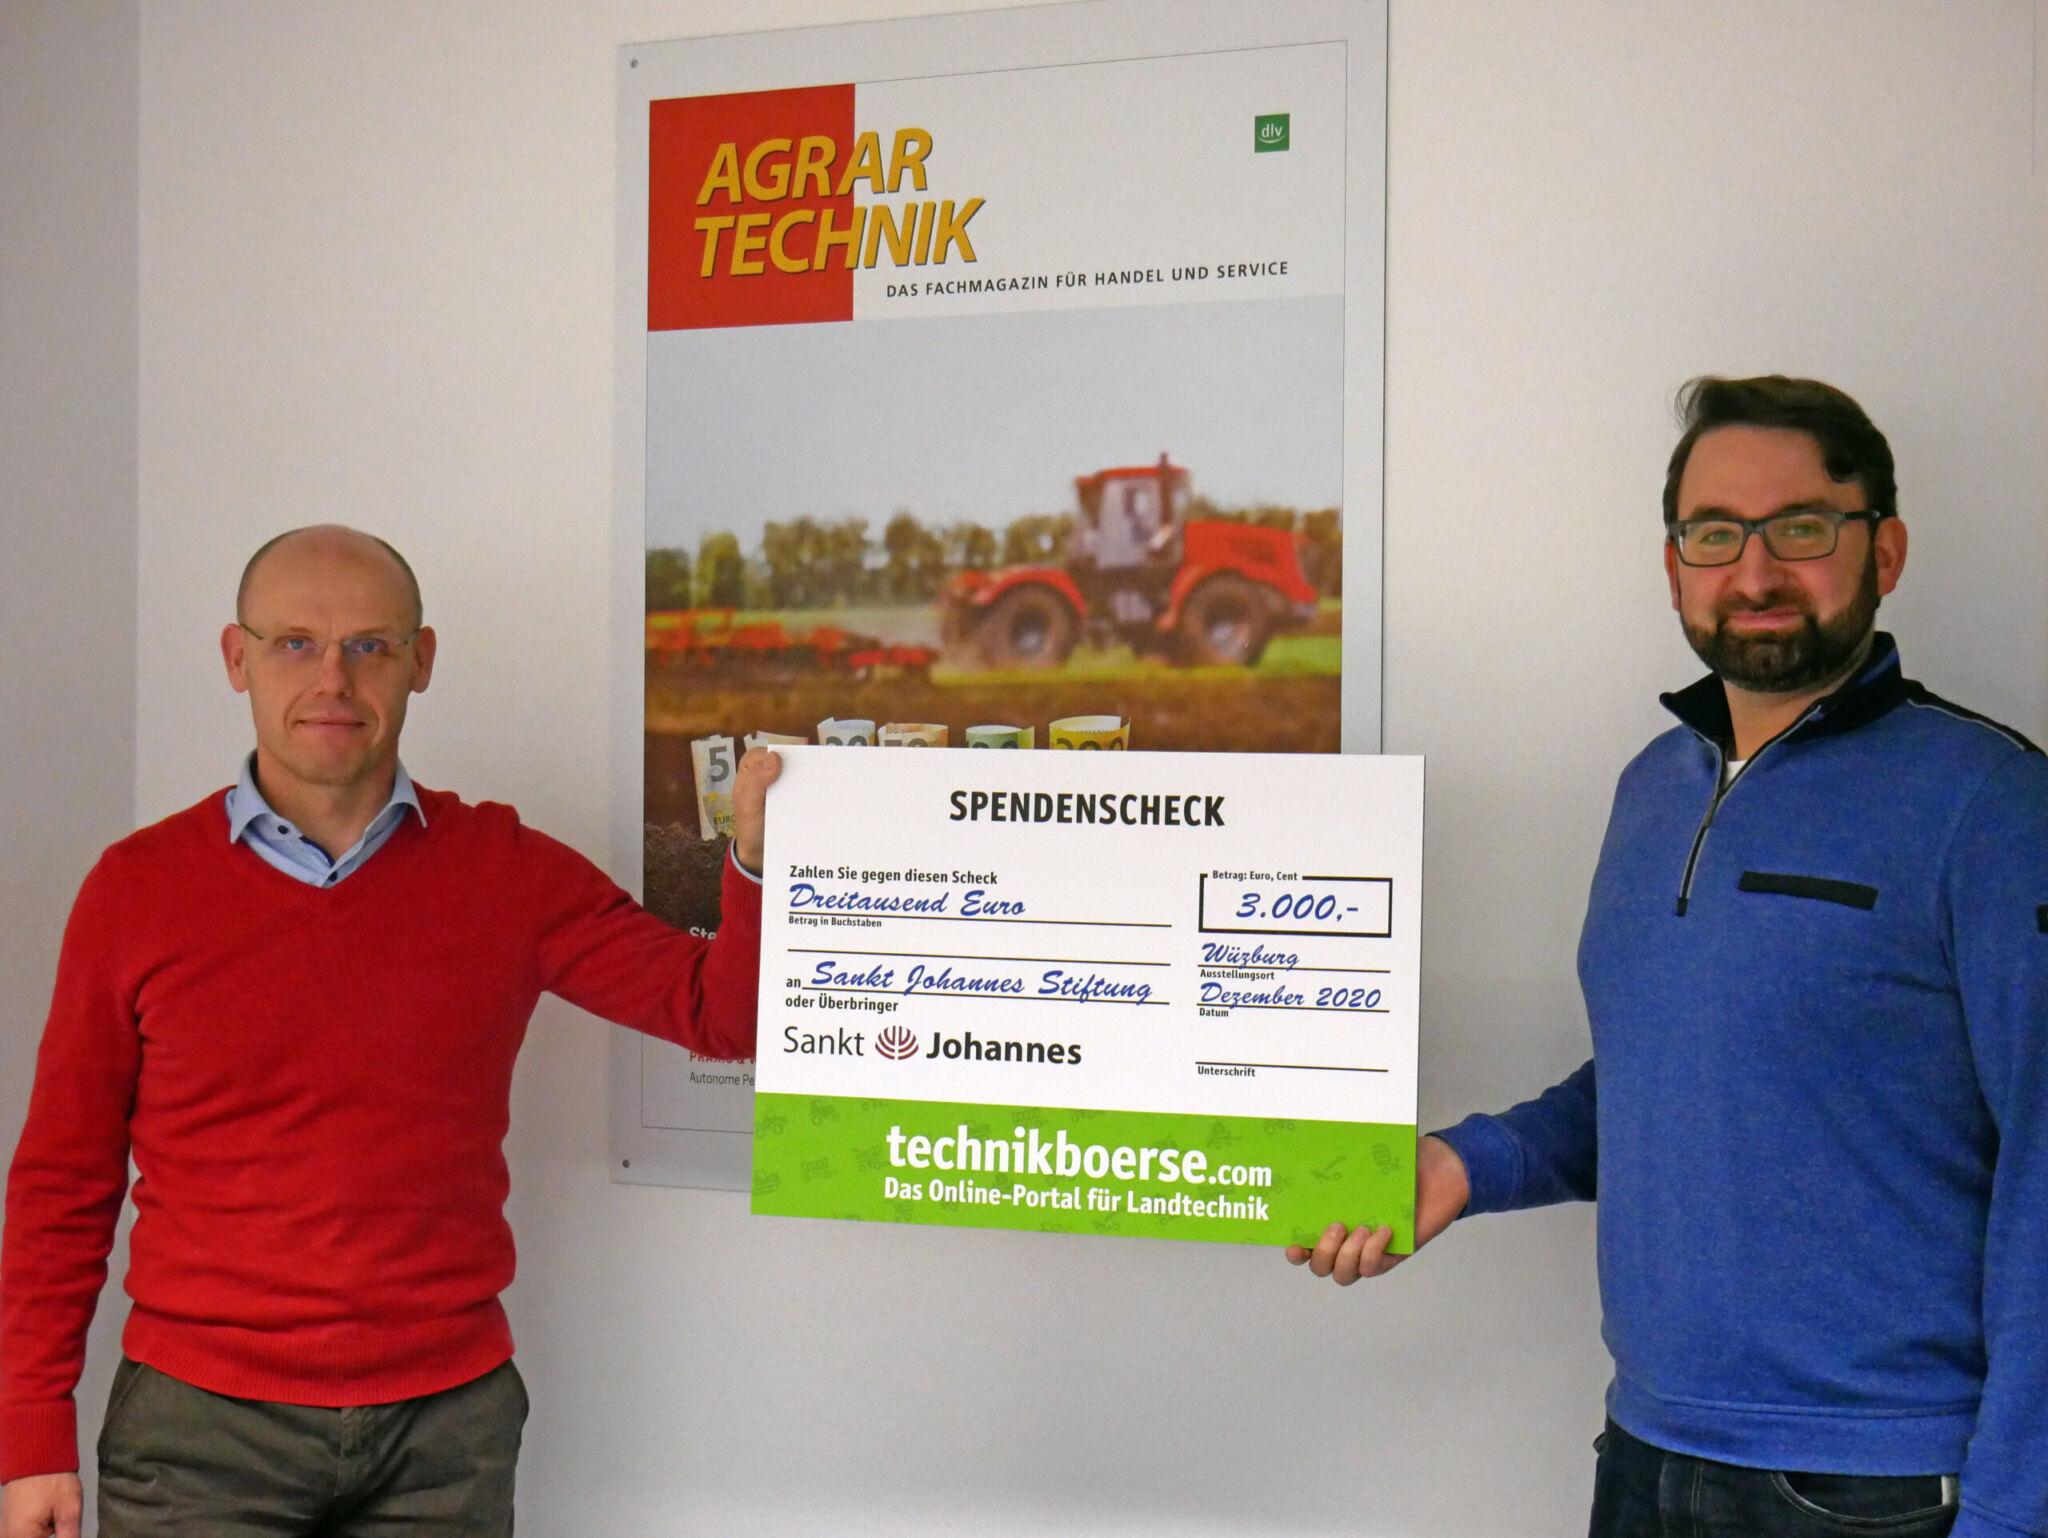 Spendencheck TB|copyright: dlv Deutscher Landwirtschaftsverlag